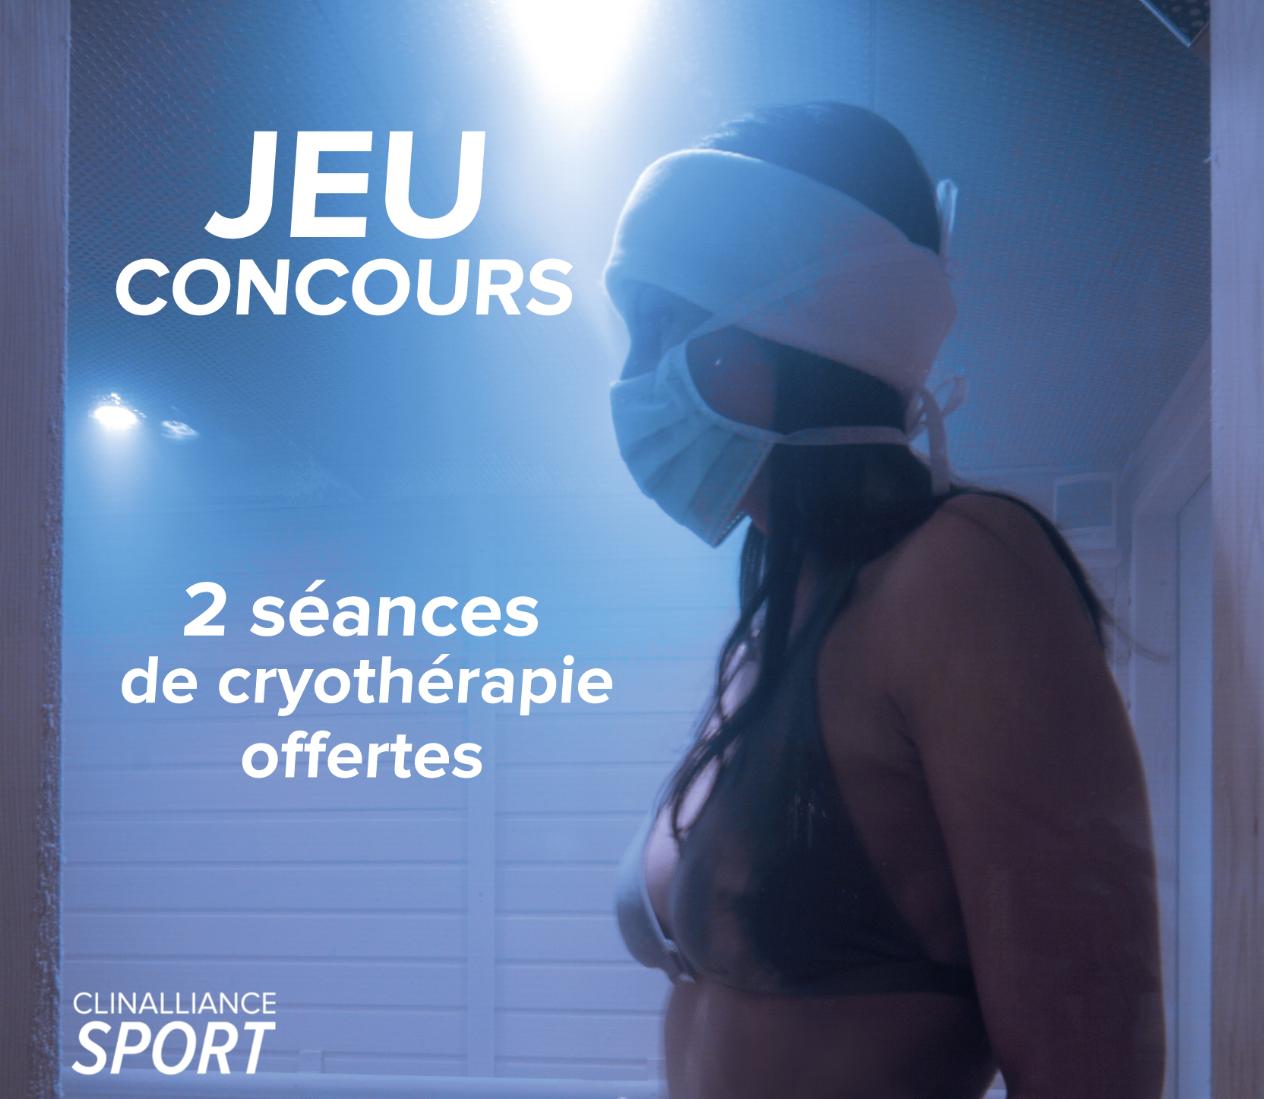 jeu-concours-facebook-clinalliance-sport-cryotherapie